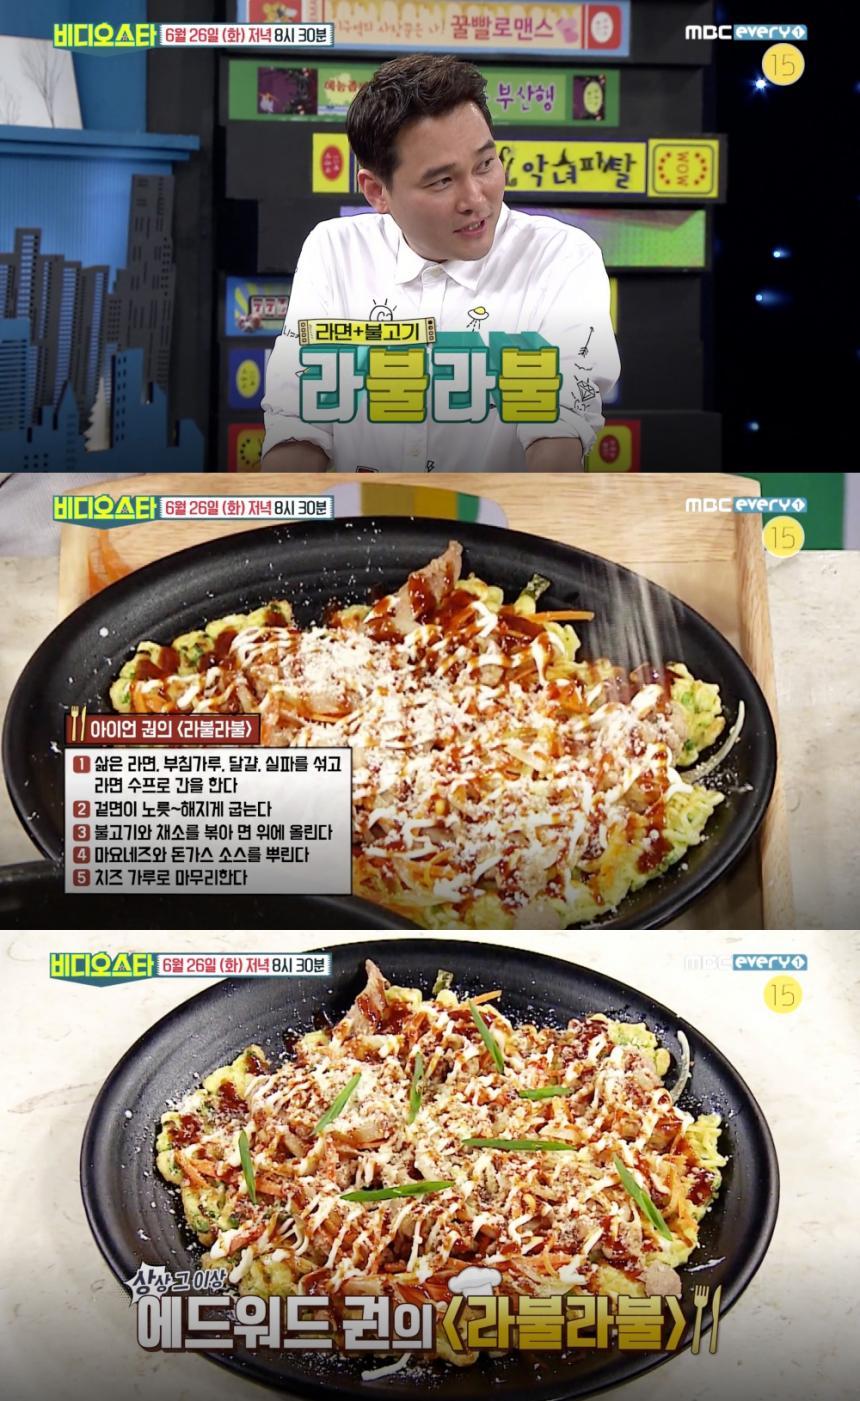 에드워드 권 라불라불 / MBC 에브리원 '비디오스타' 네이버 TV캐스트